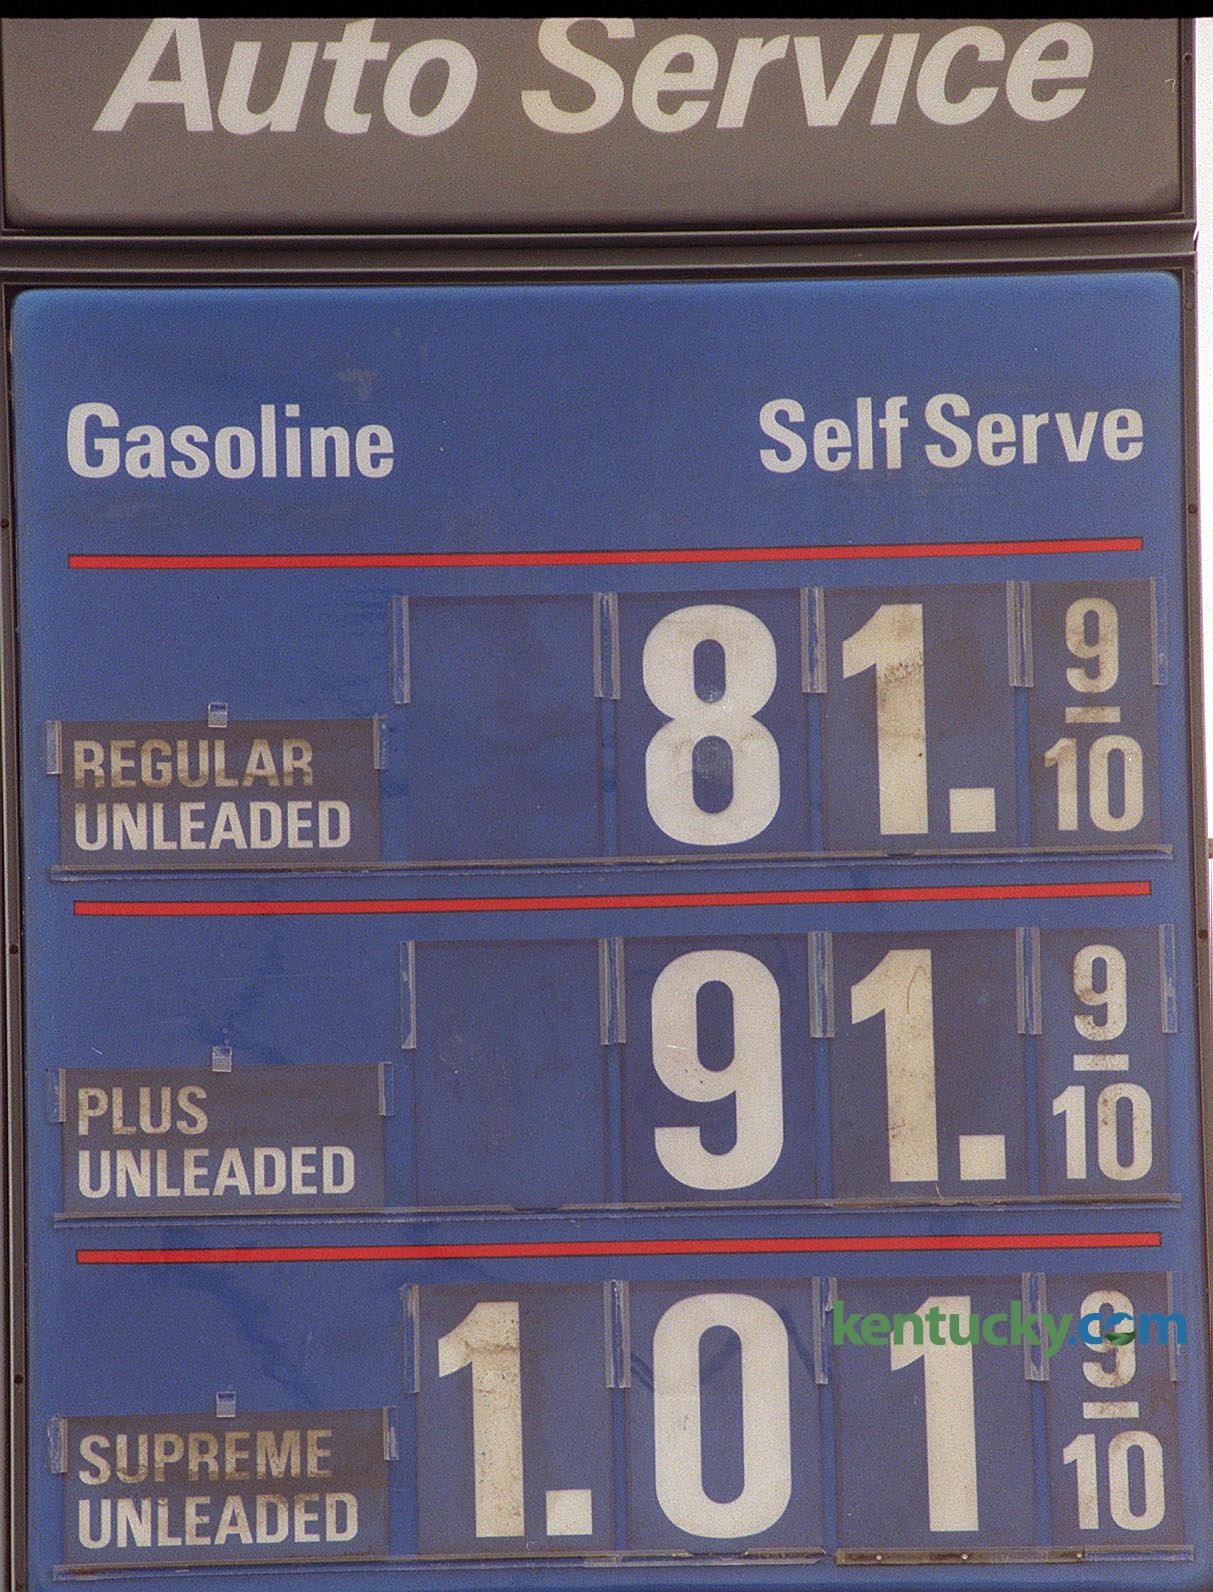 Chevron Gas Prices >> Gas prices, 1998 | Kentucky Photo Archive